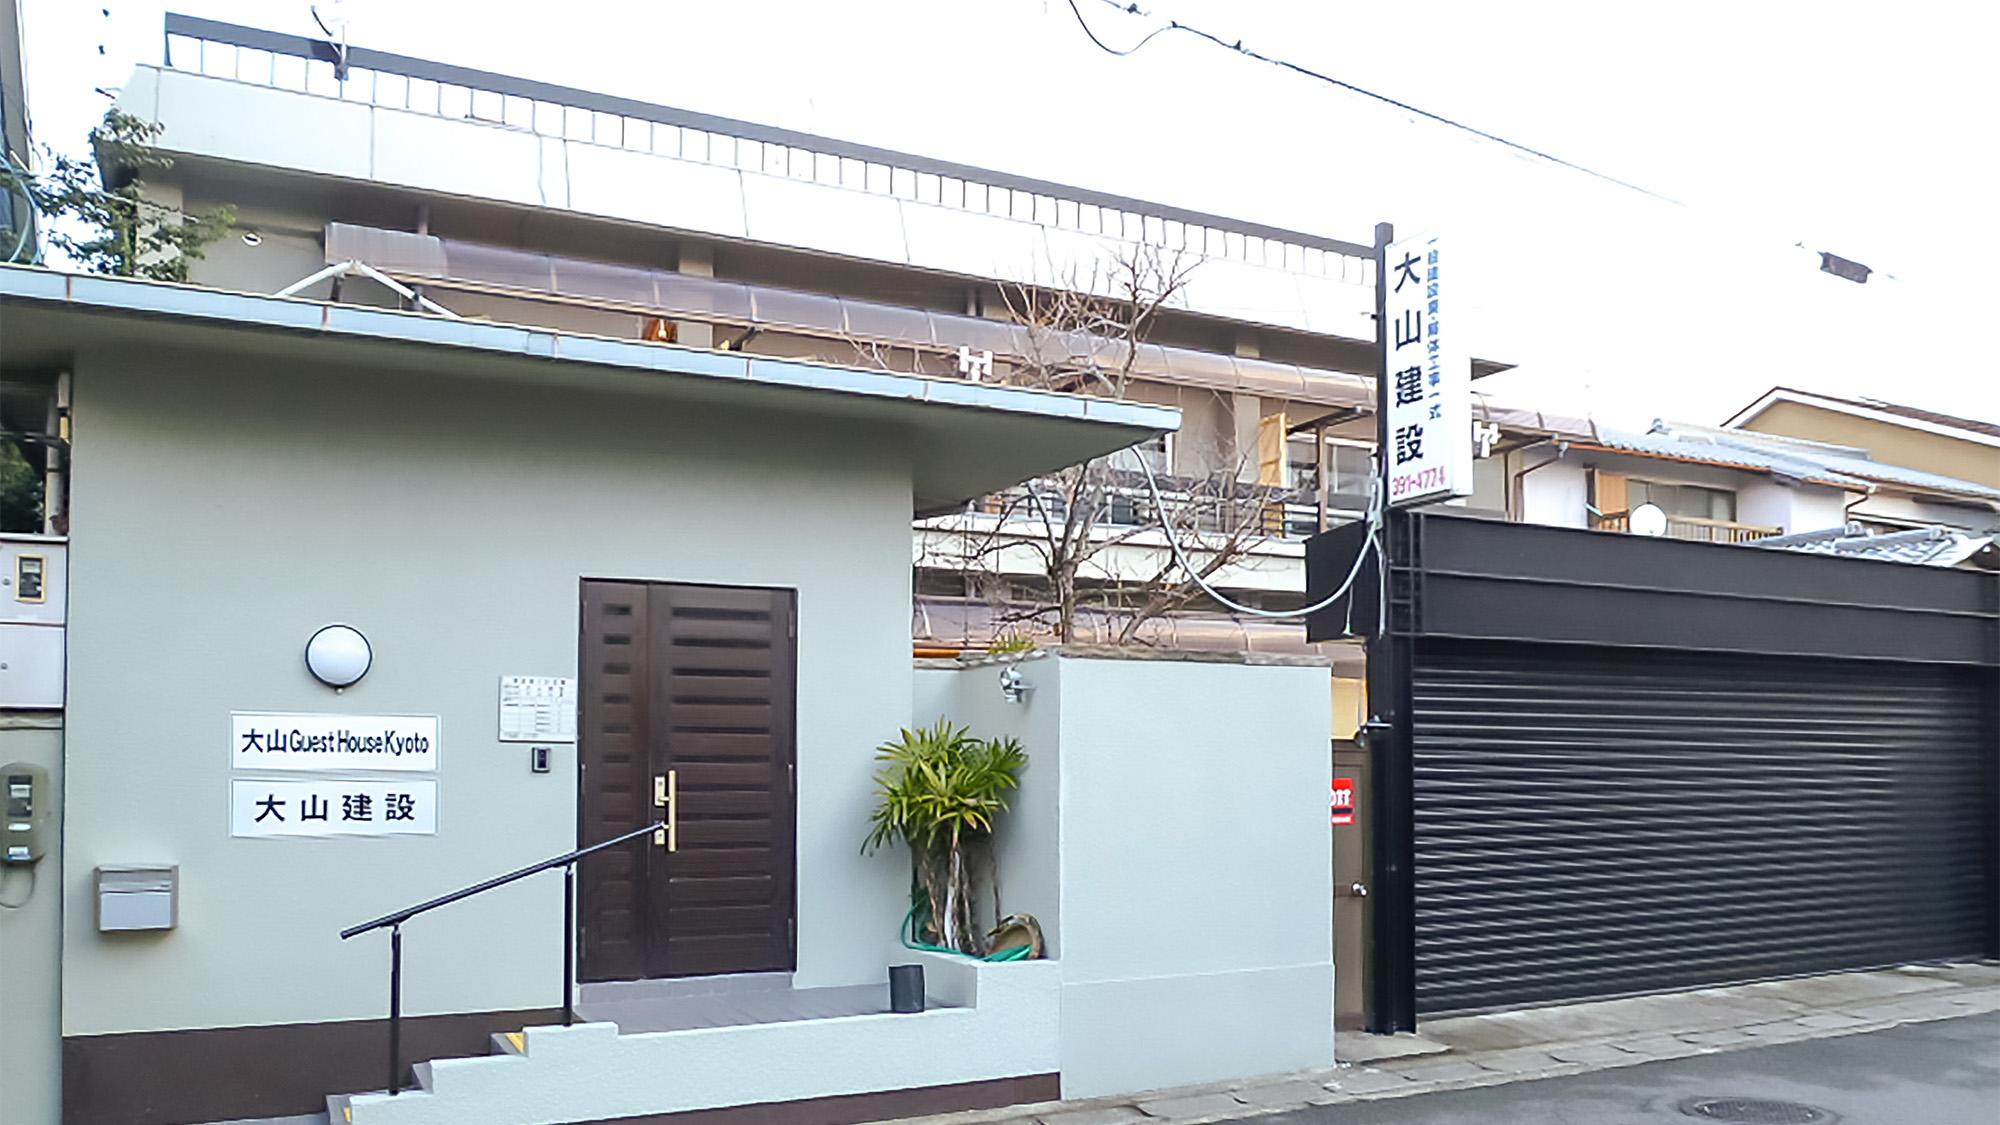 大山 Guest House Kyoto◆楽天トラベル